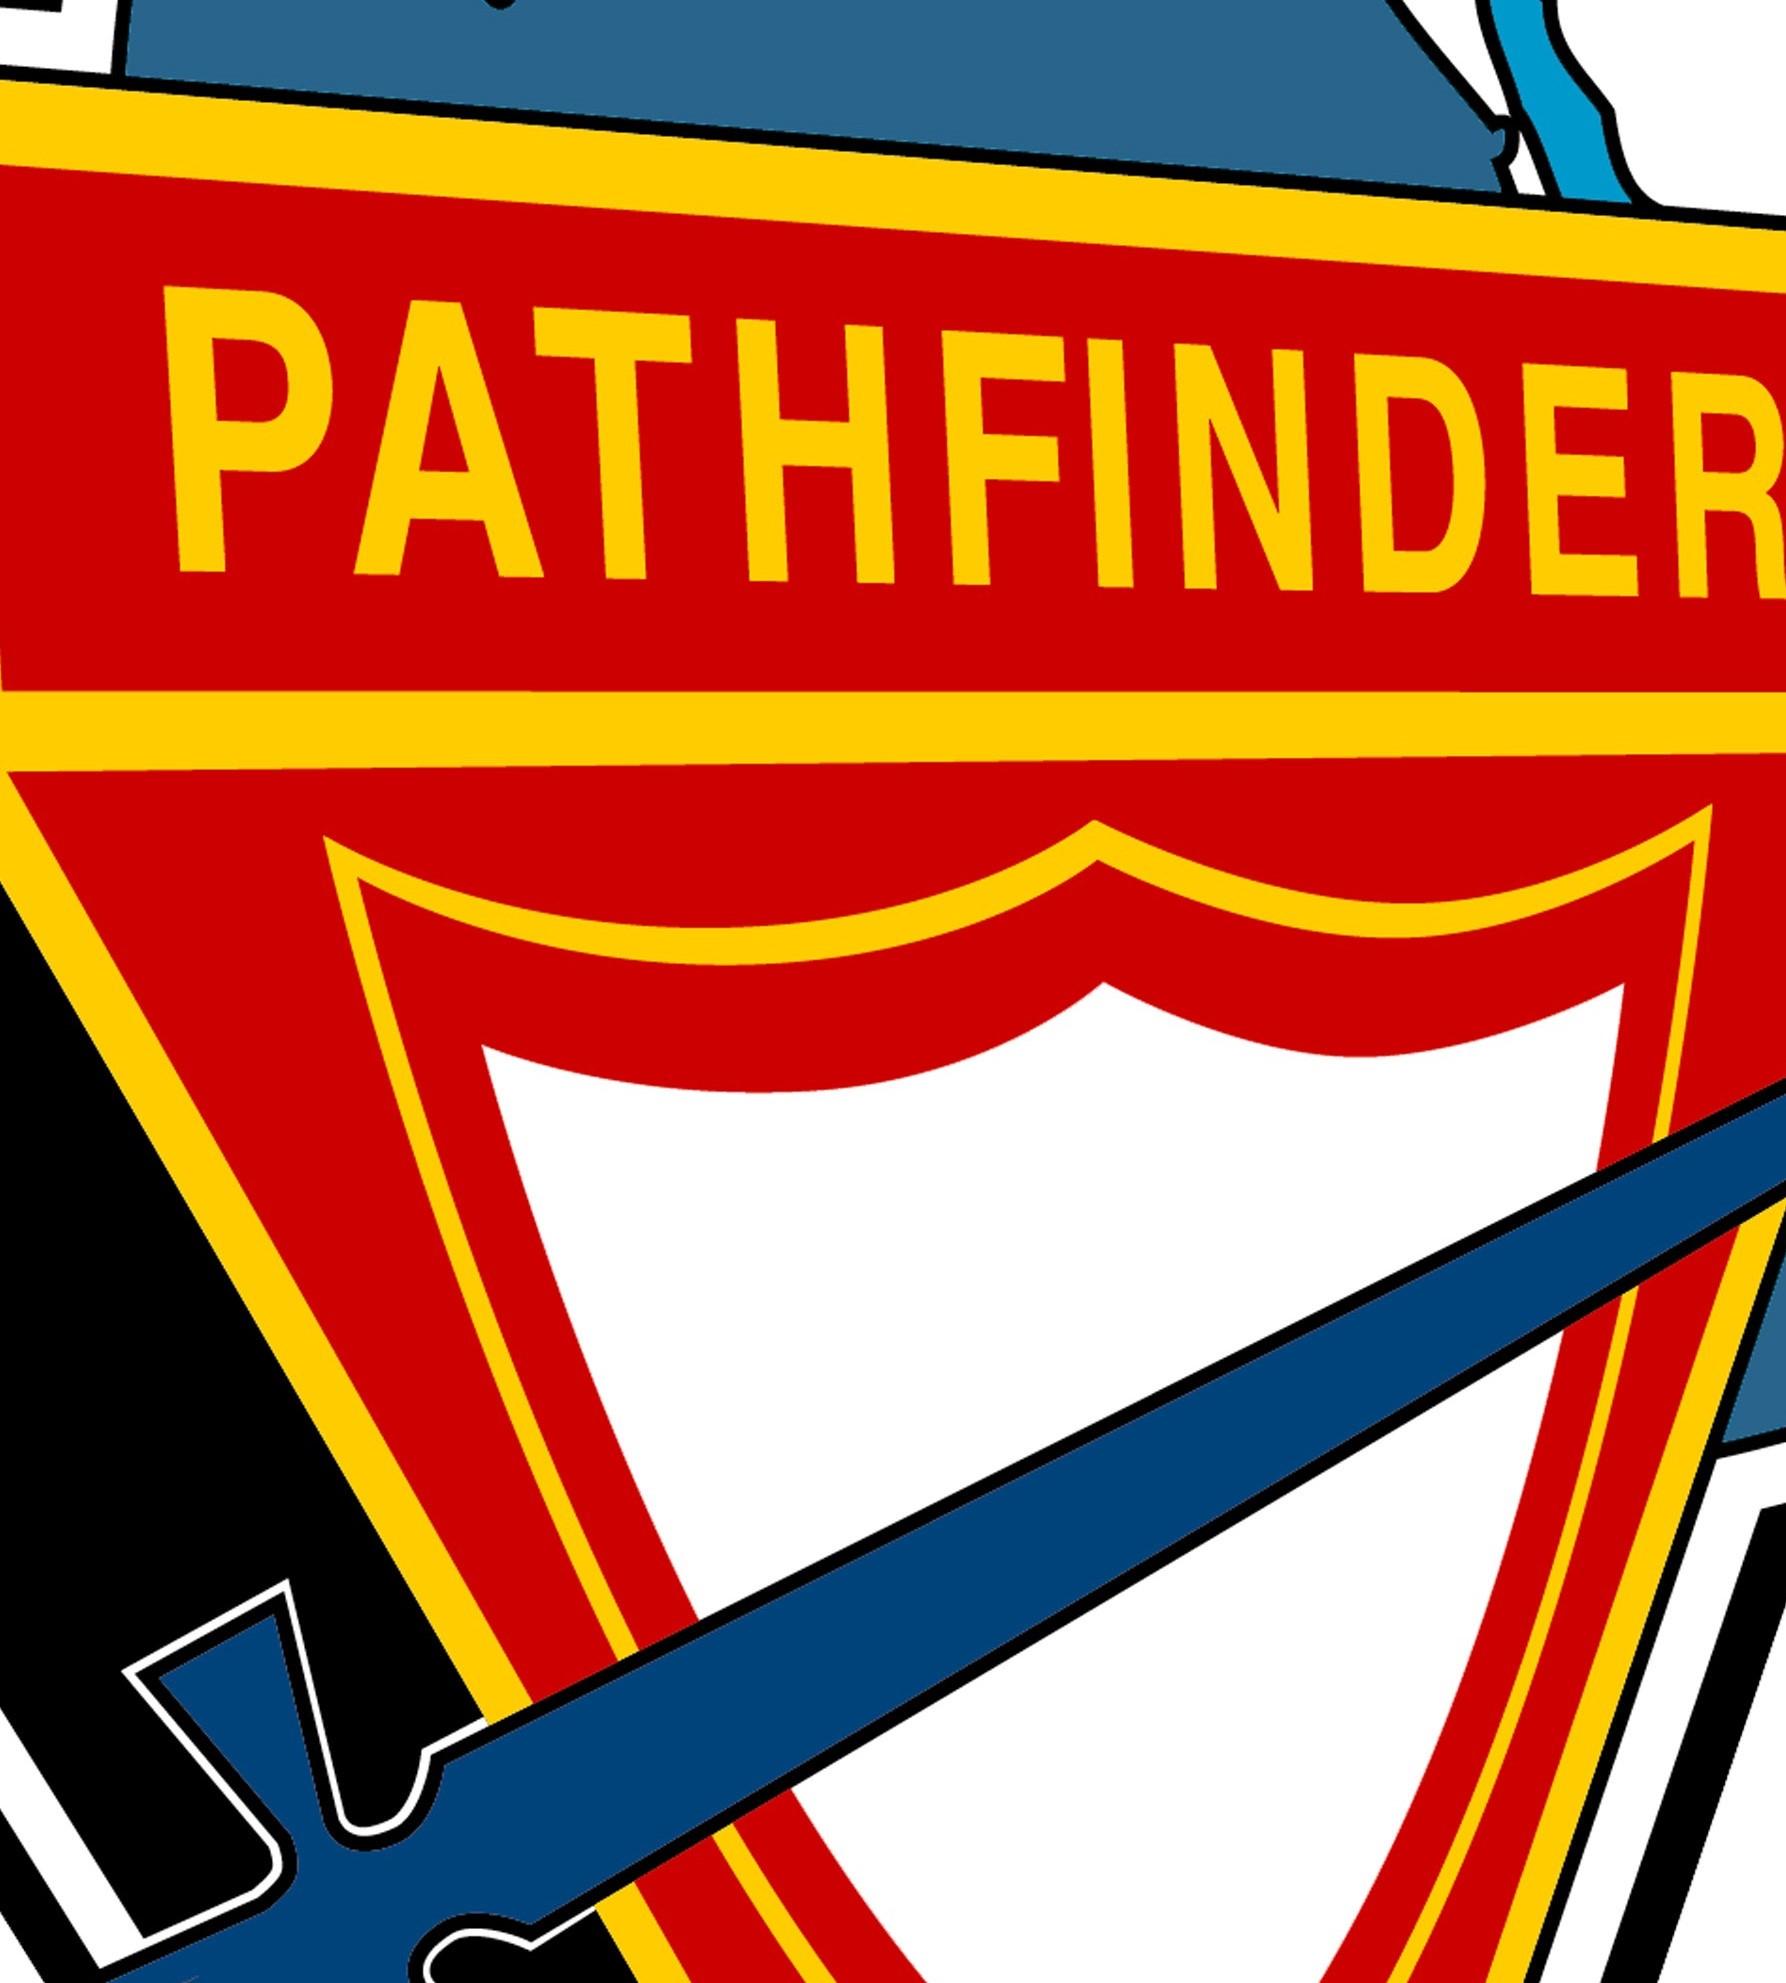 Pathfinders-Logo - The Devan Group